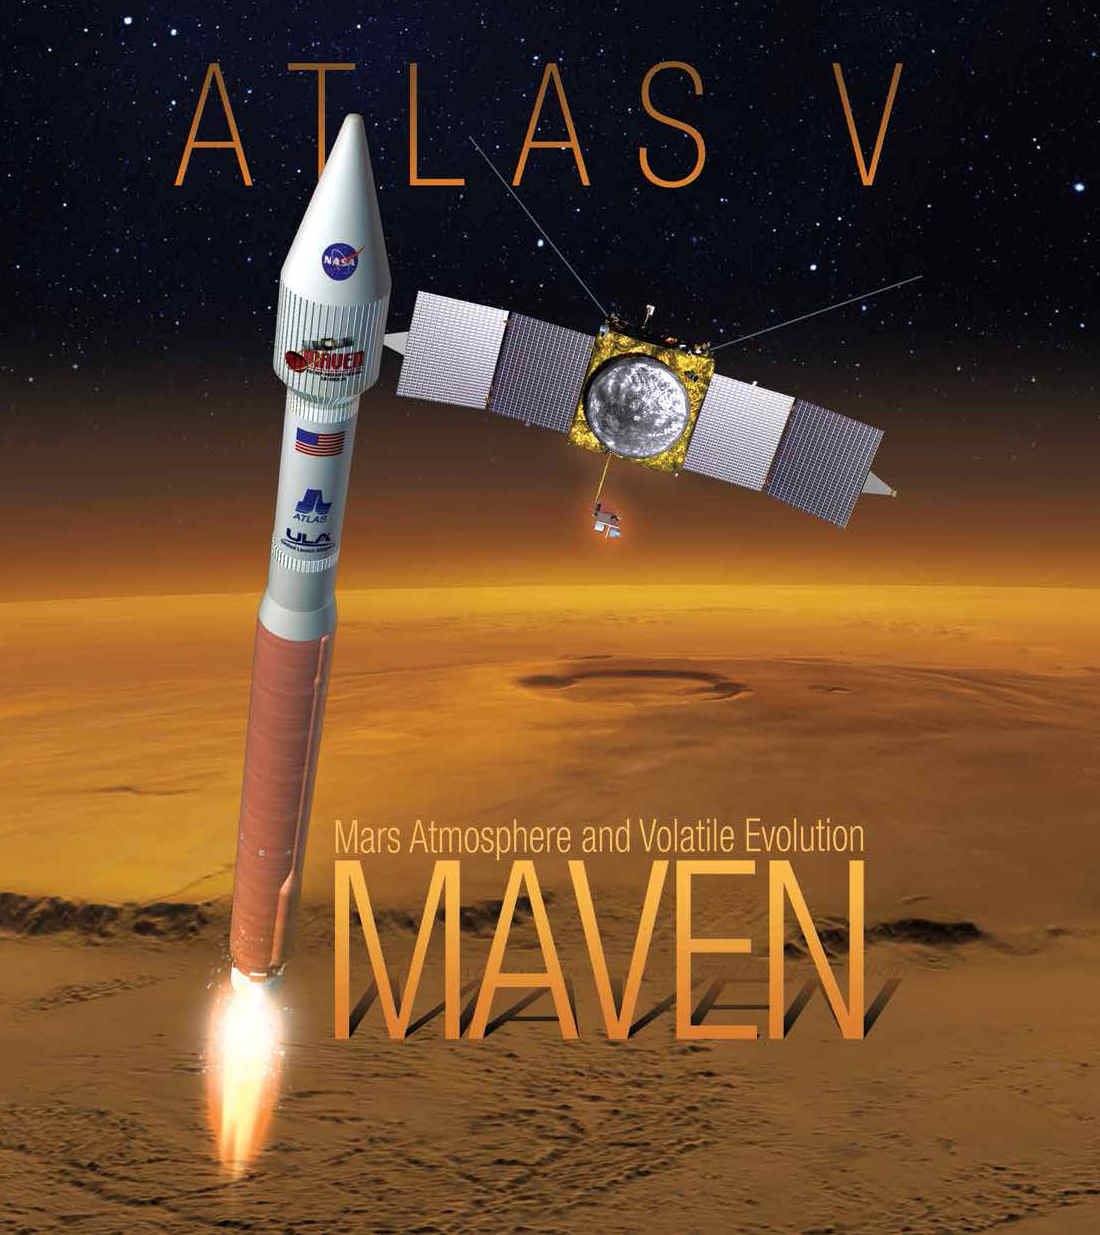 MAVEN locandina della missione - Credits: NASA